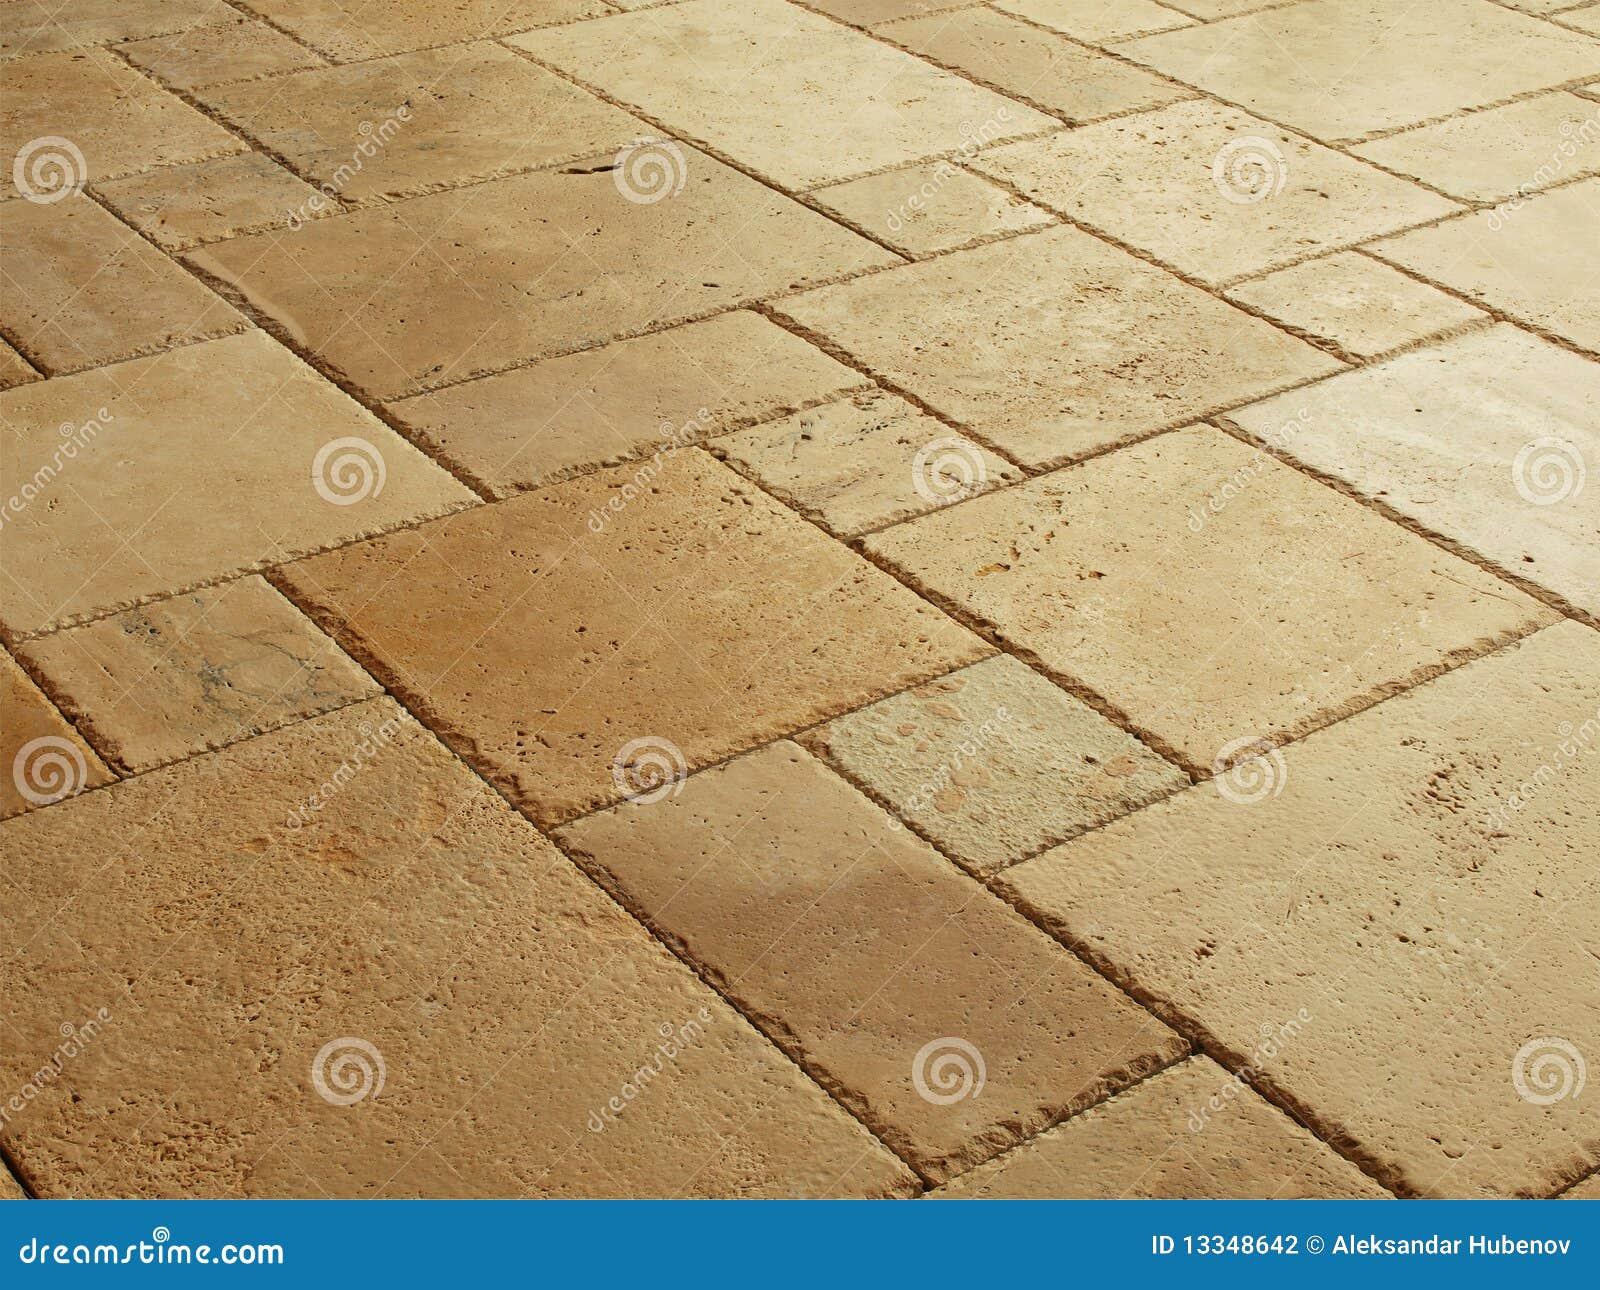 Fußboden Osb Xiaomi ~ Fußboden ziegel fensterlicht auf einem ziegel fußboden stockfoto